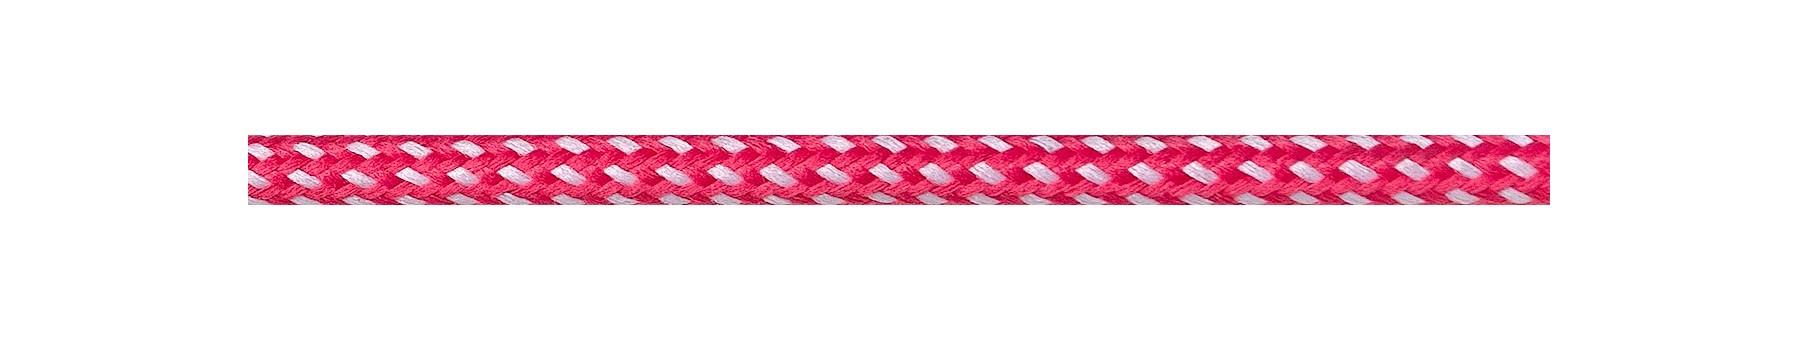 Textilkabel Pink-Weiss Gepunktet